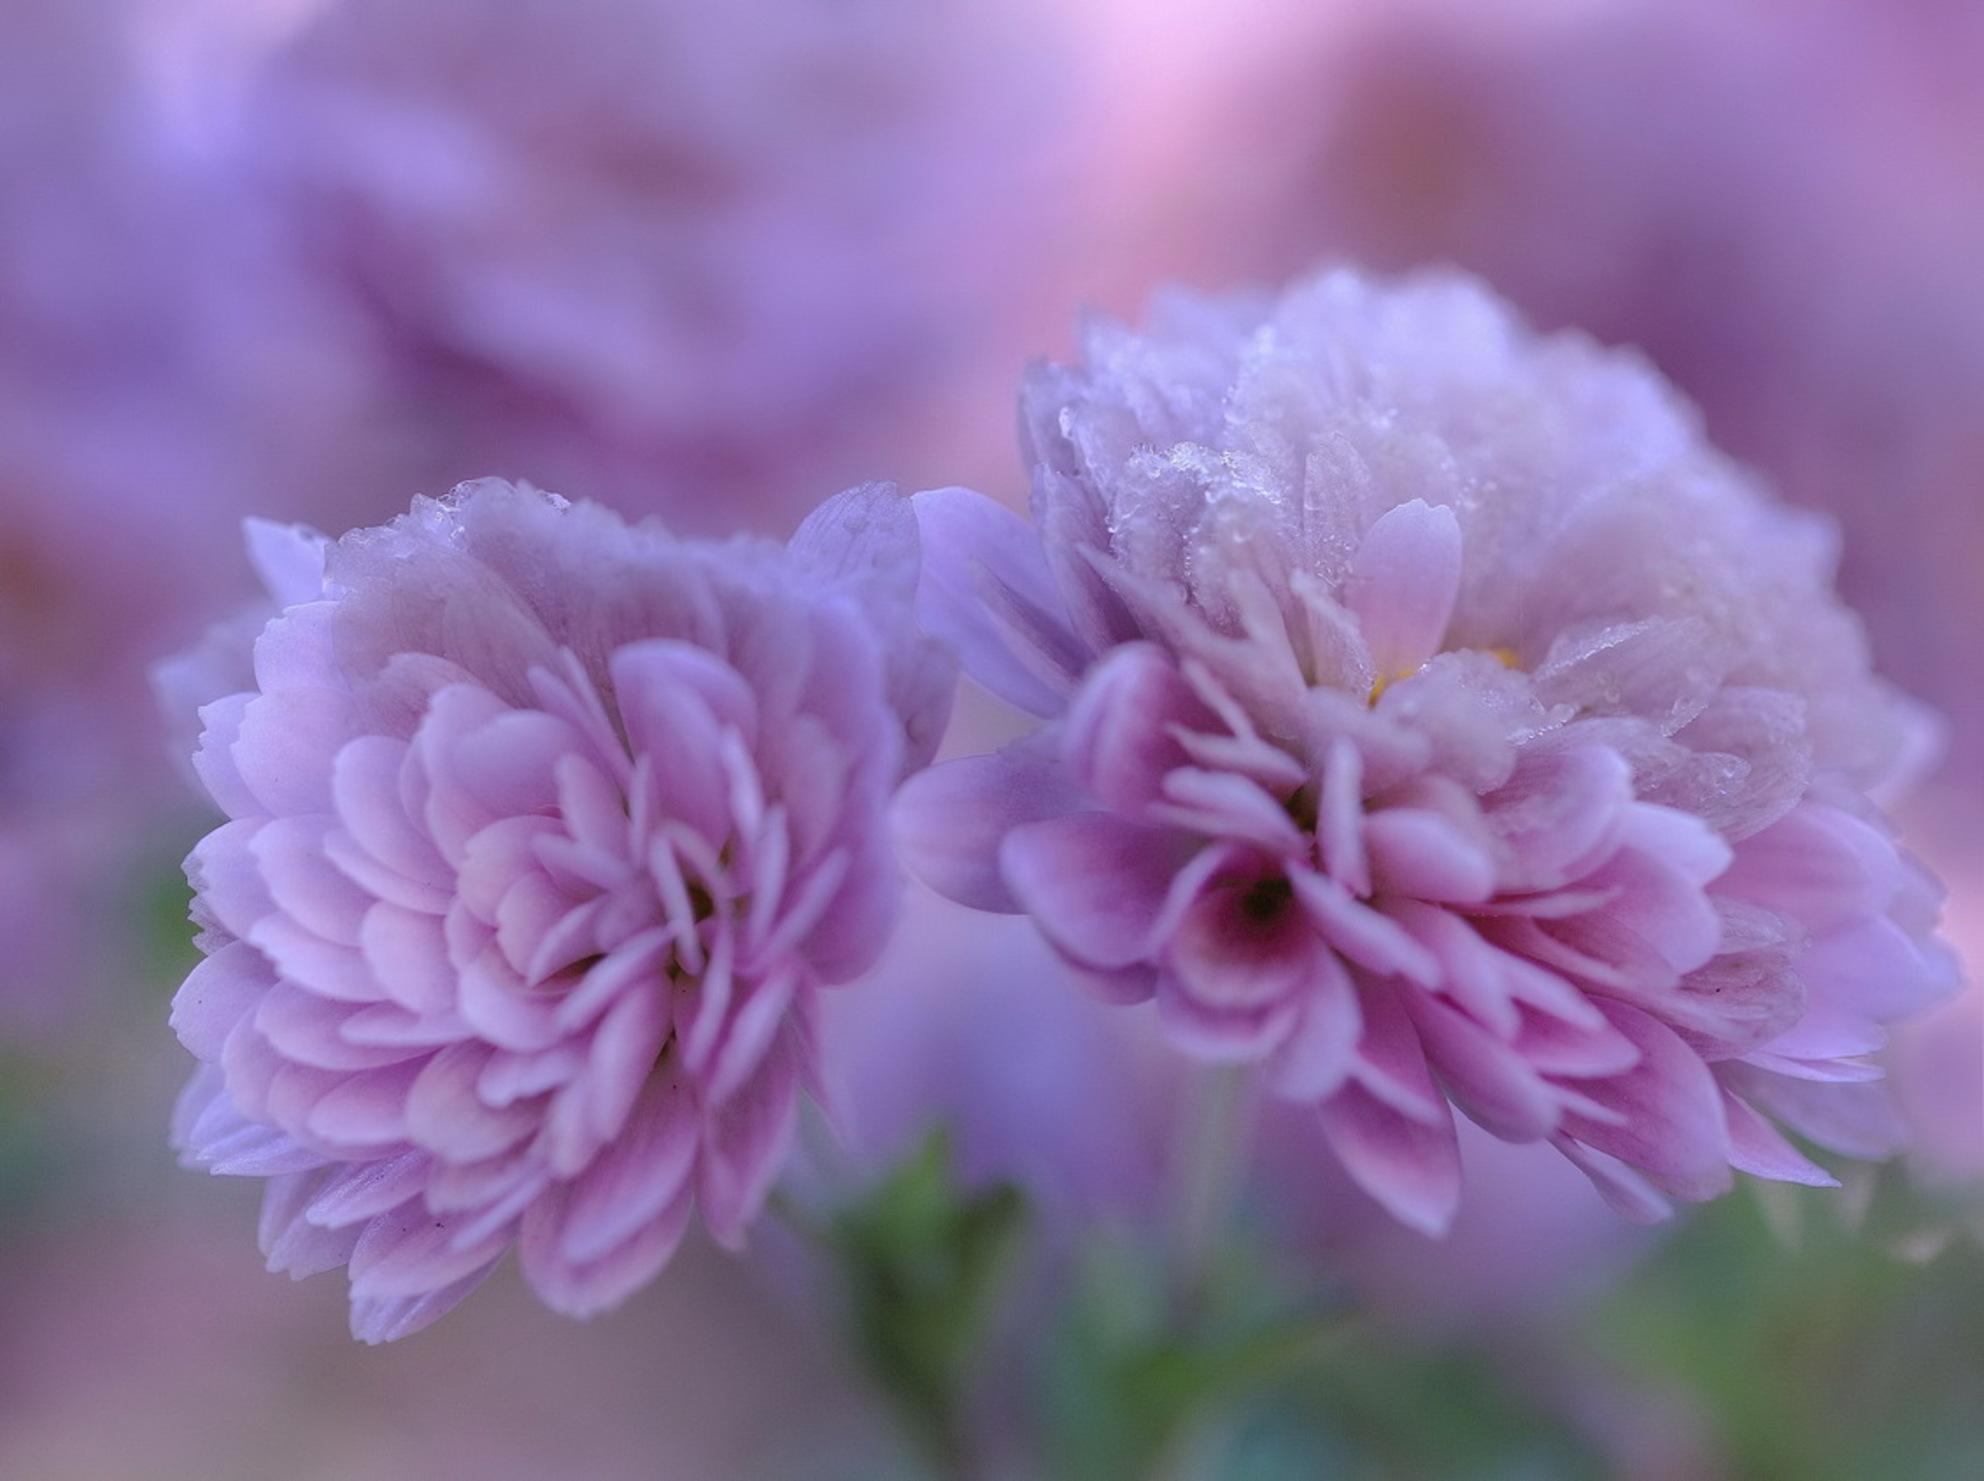 RIJP - Dit trof ik vanmorgen aan in m,n tuin. Nog een paar dappere bloemen met rijp op de blaadjes vanwege de nachtvorst. Het levert wel een mooi plaatje op - foto door lucievanmeteren op 29-11-2016 - deze foto bevat: roze, macro, natuur, tuin, rijp, bloemen, nachtvorst